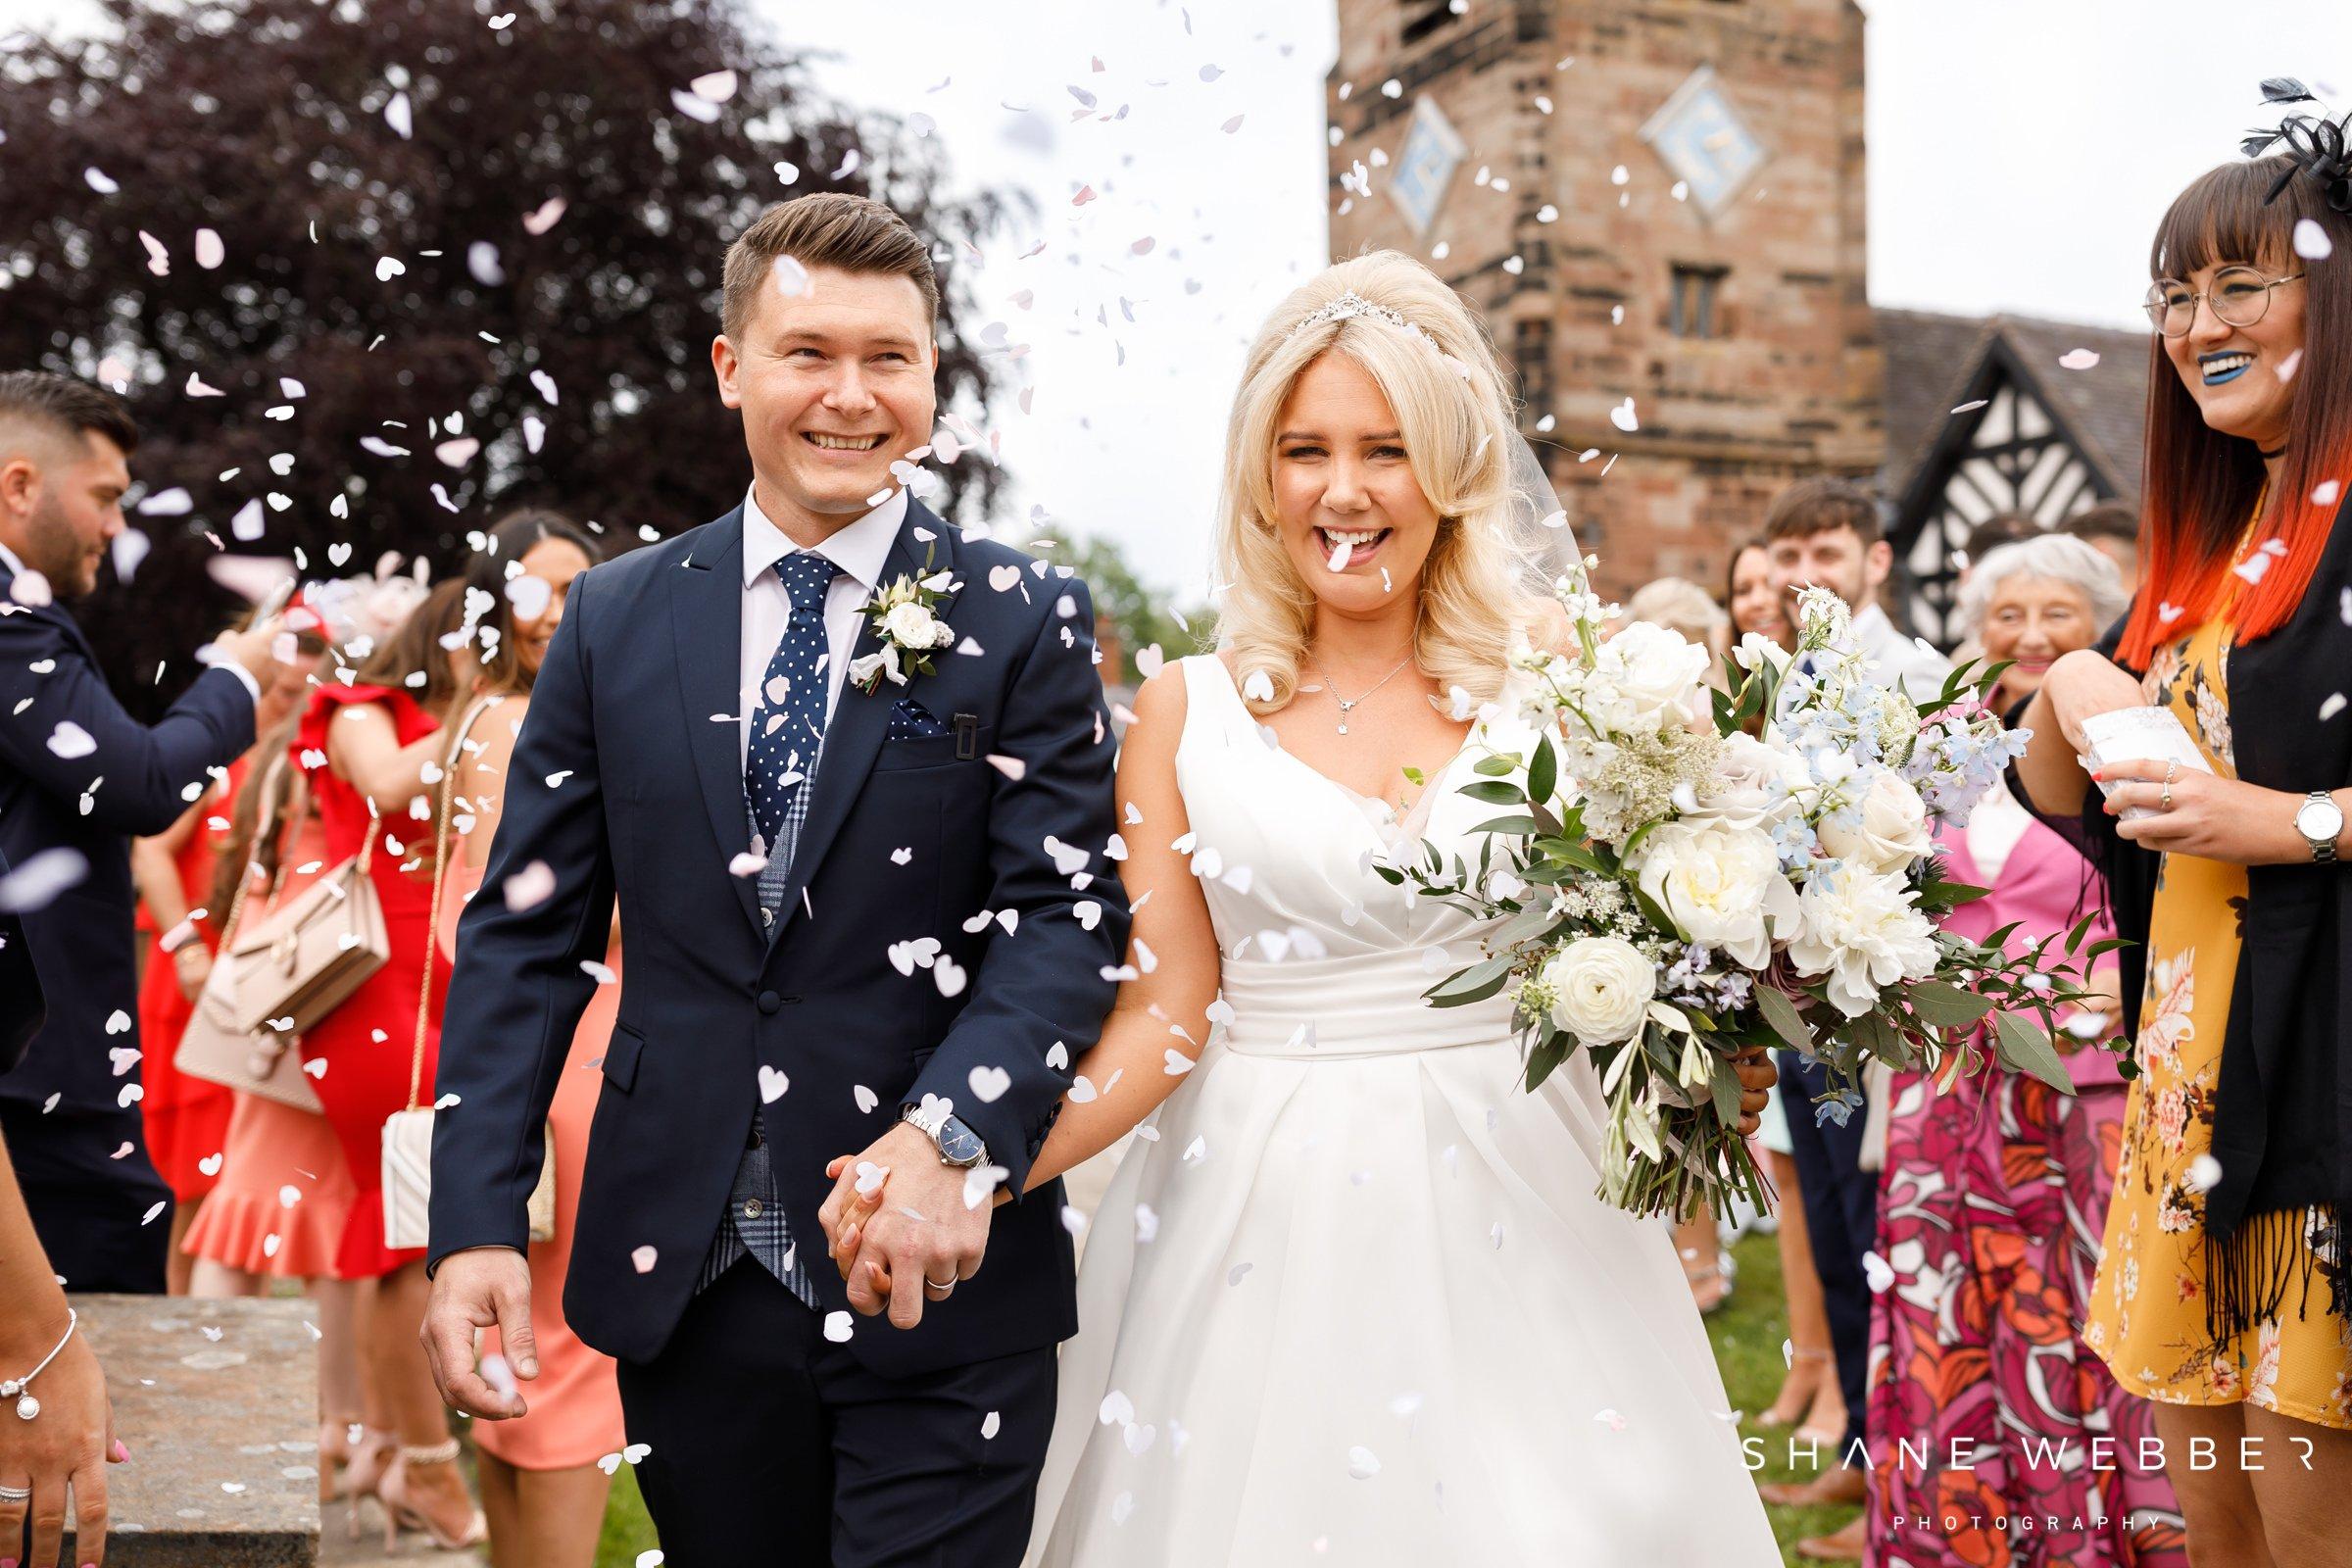 when should you throw wedding confetti